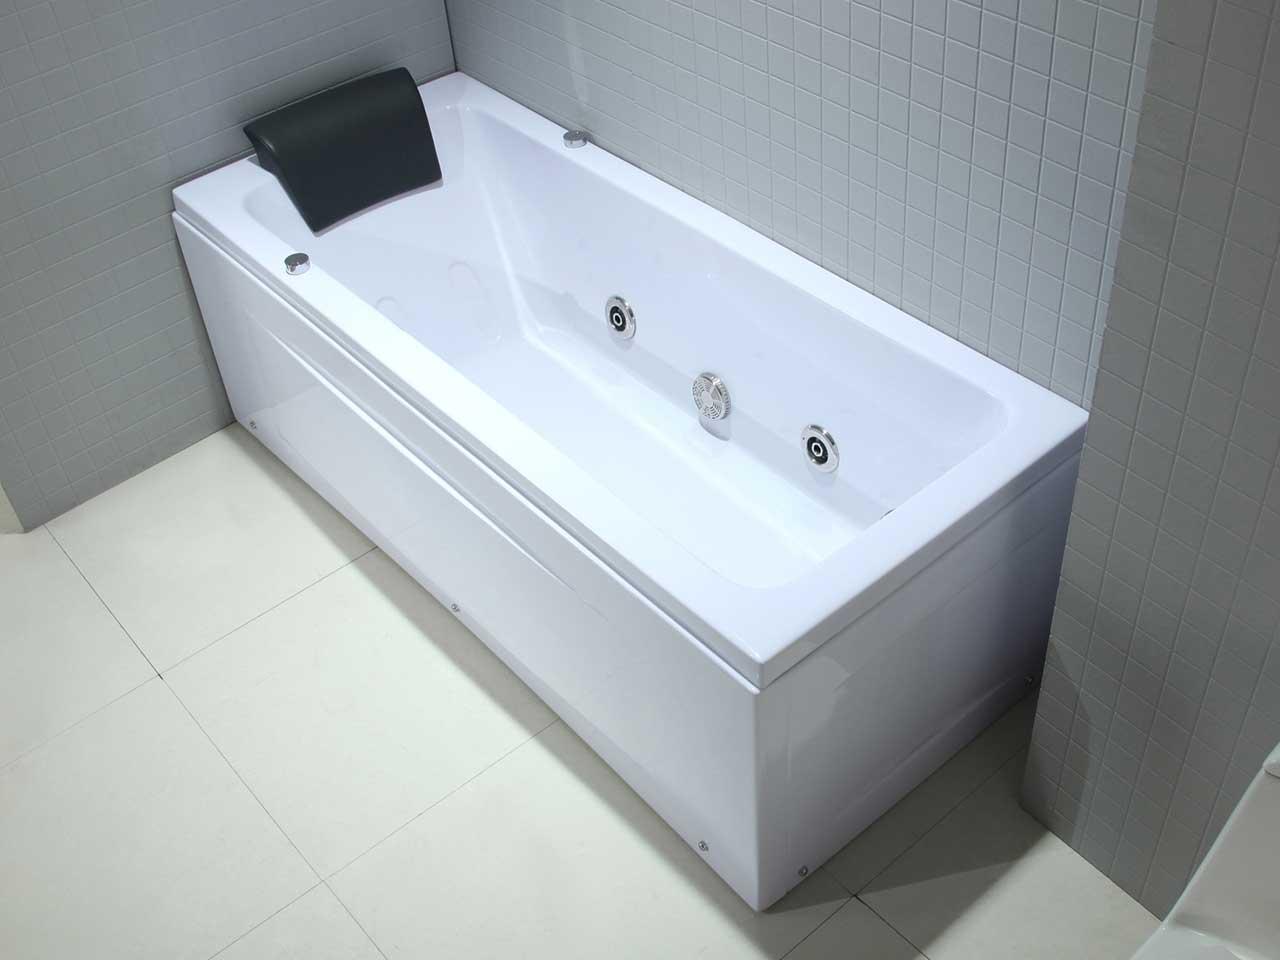 Forum progetto bagno principale - Tappeto idromassaggio per vasca da bagno ...